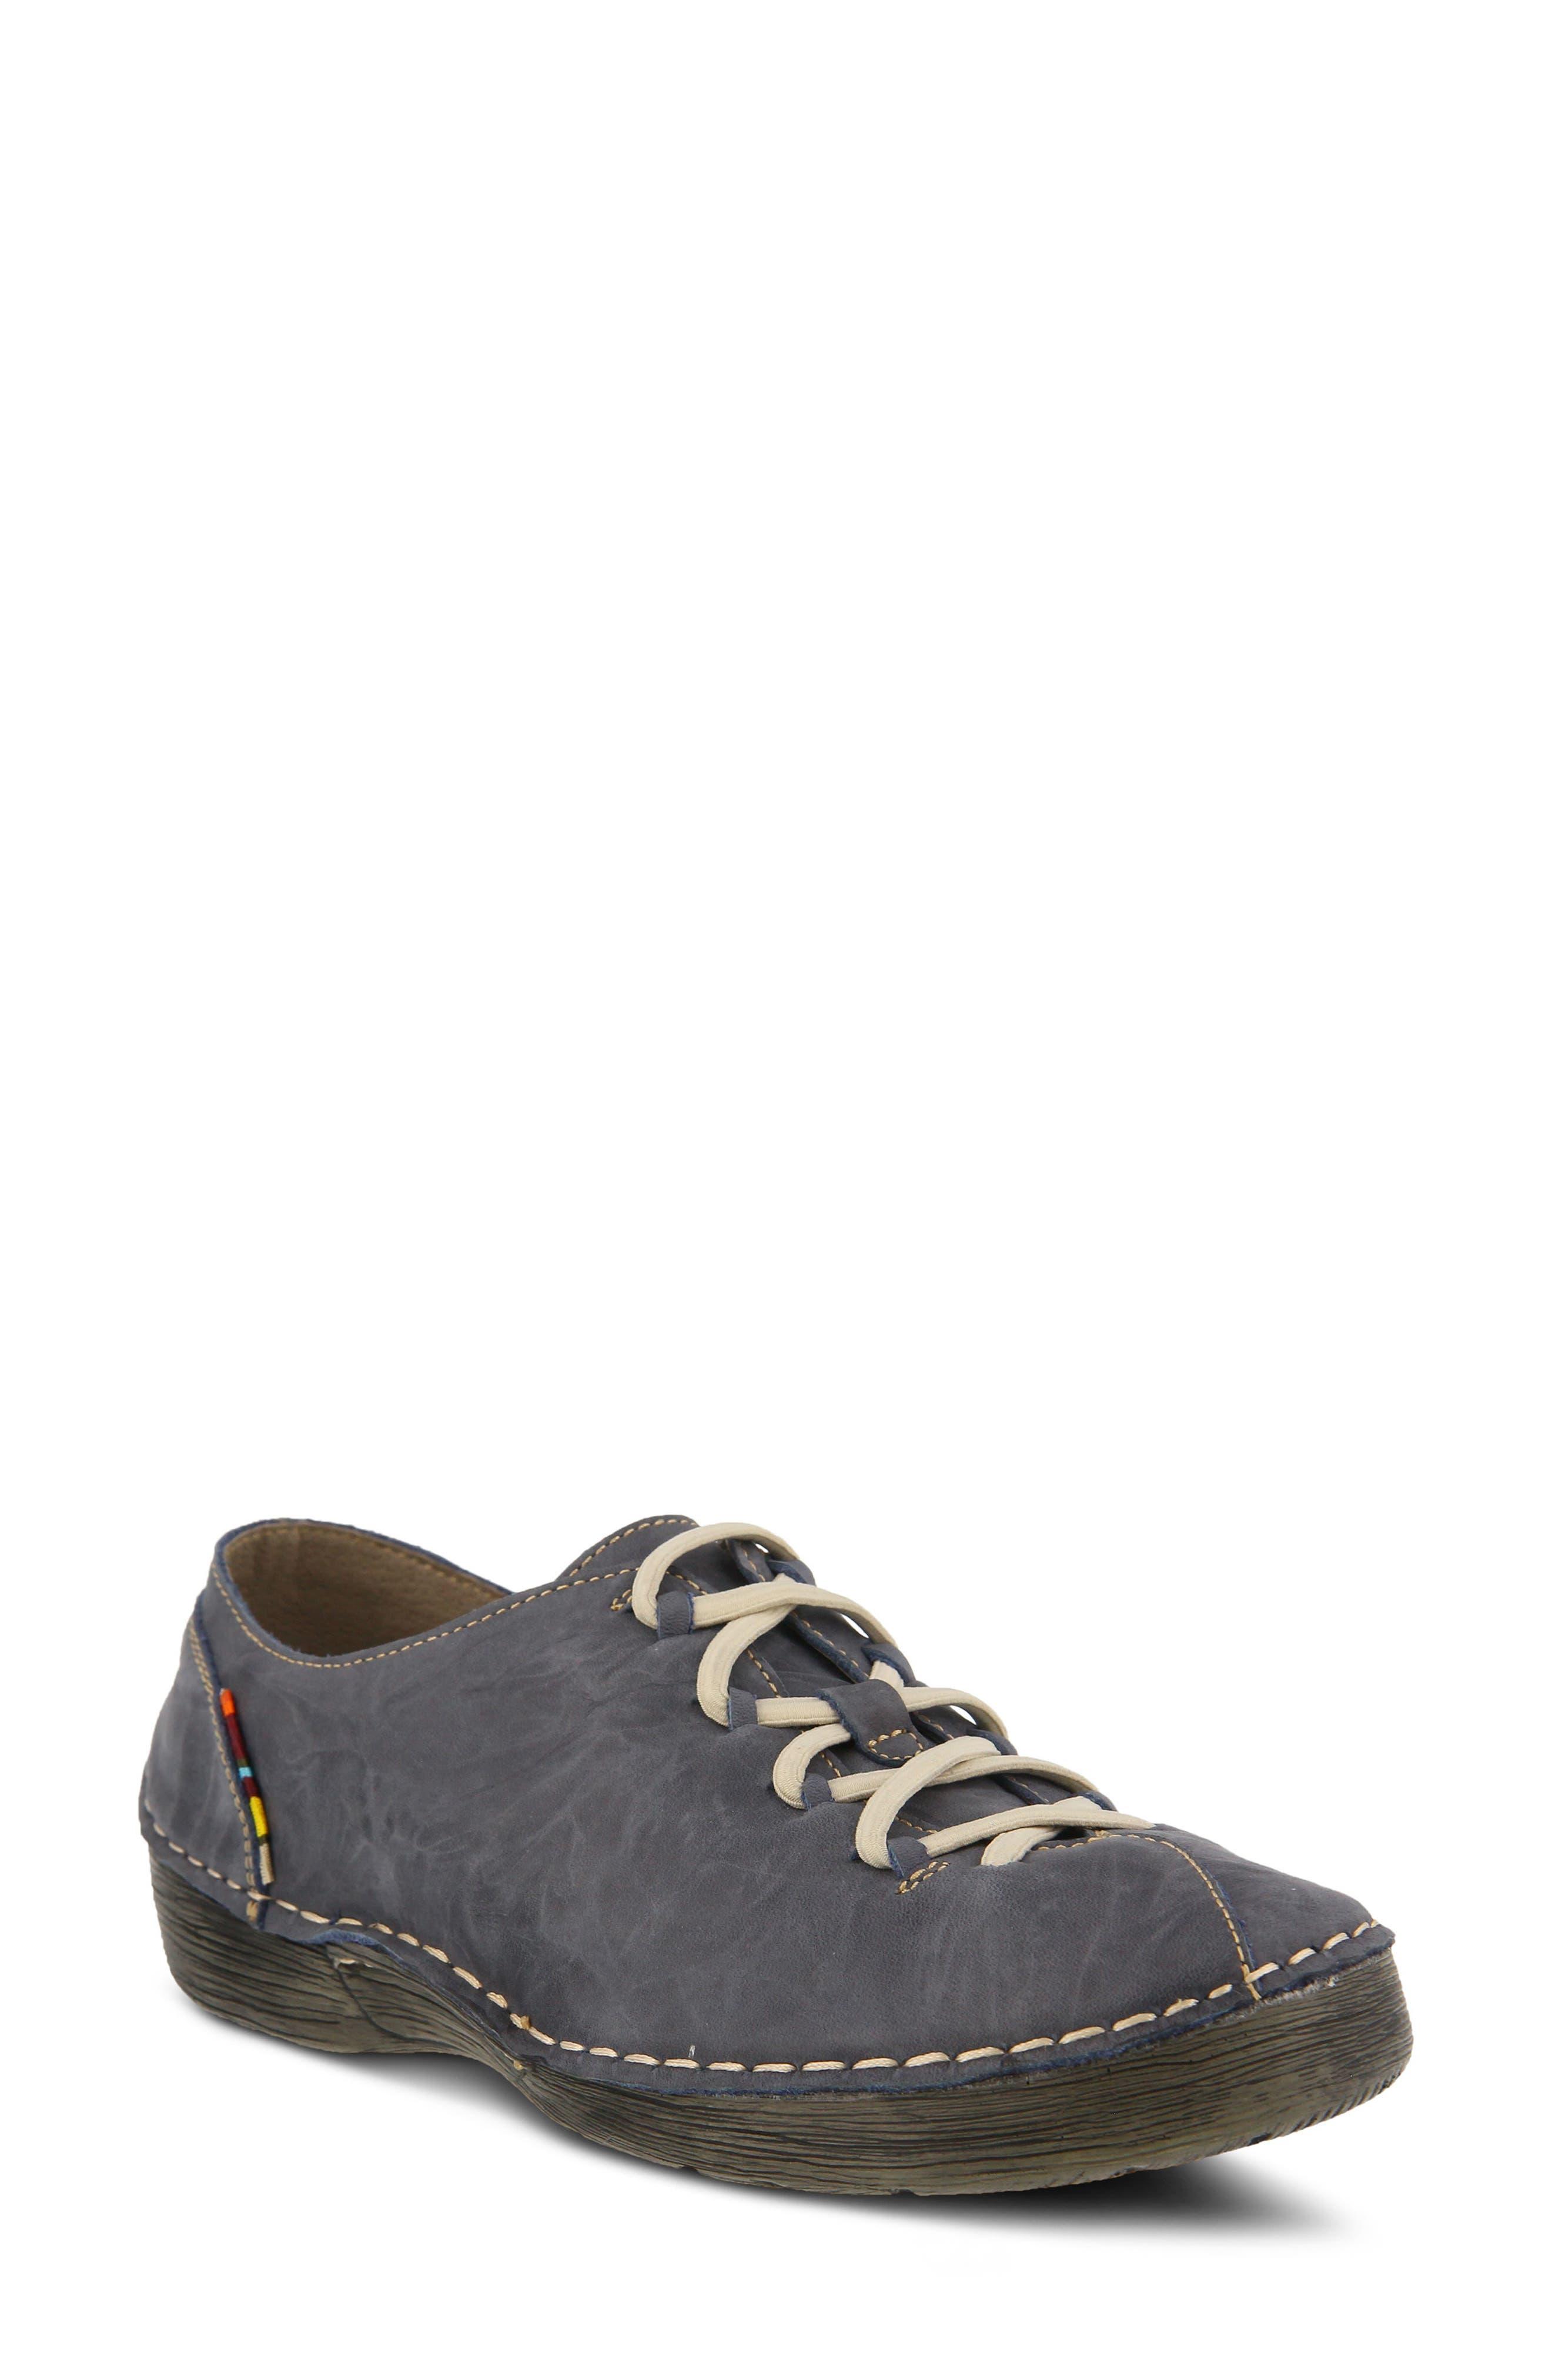 Spring Step Carhop Sneaker - Blue